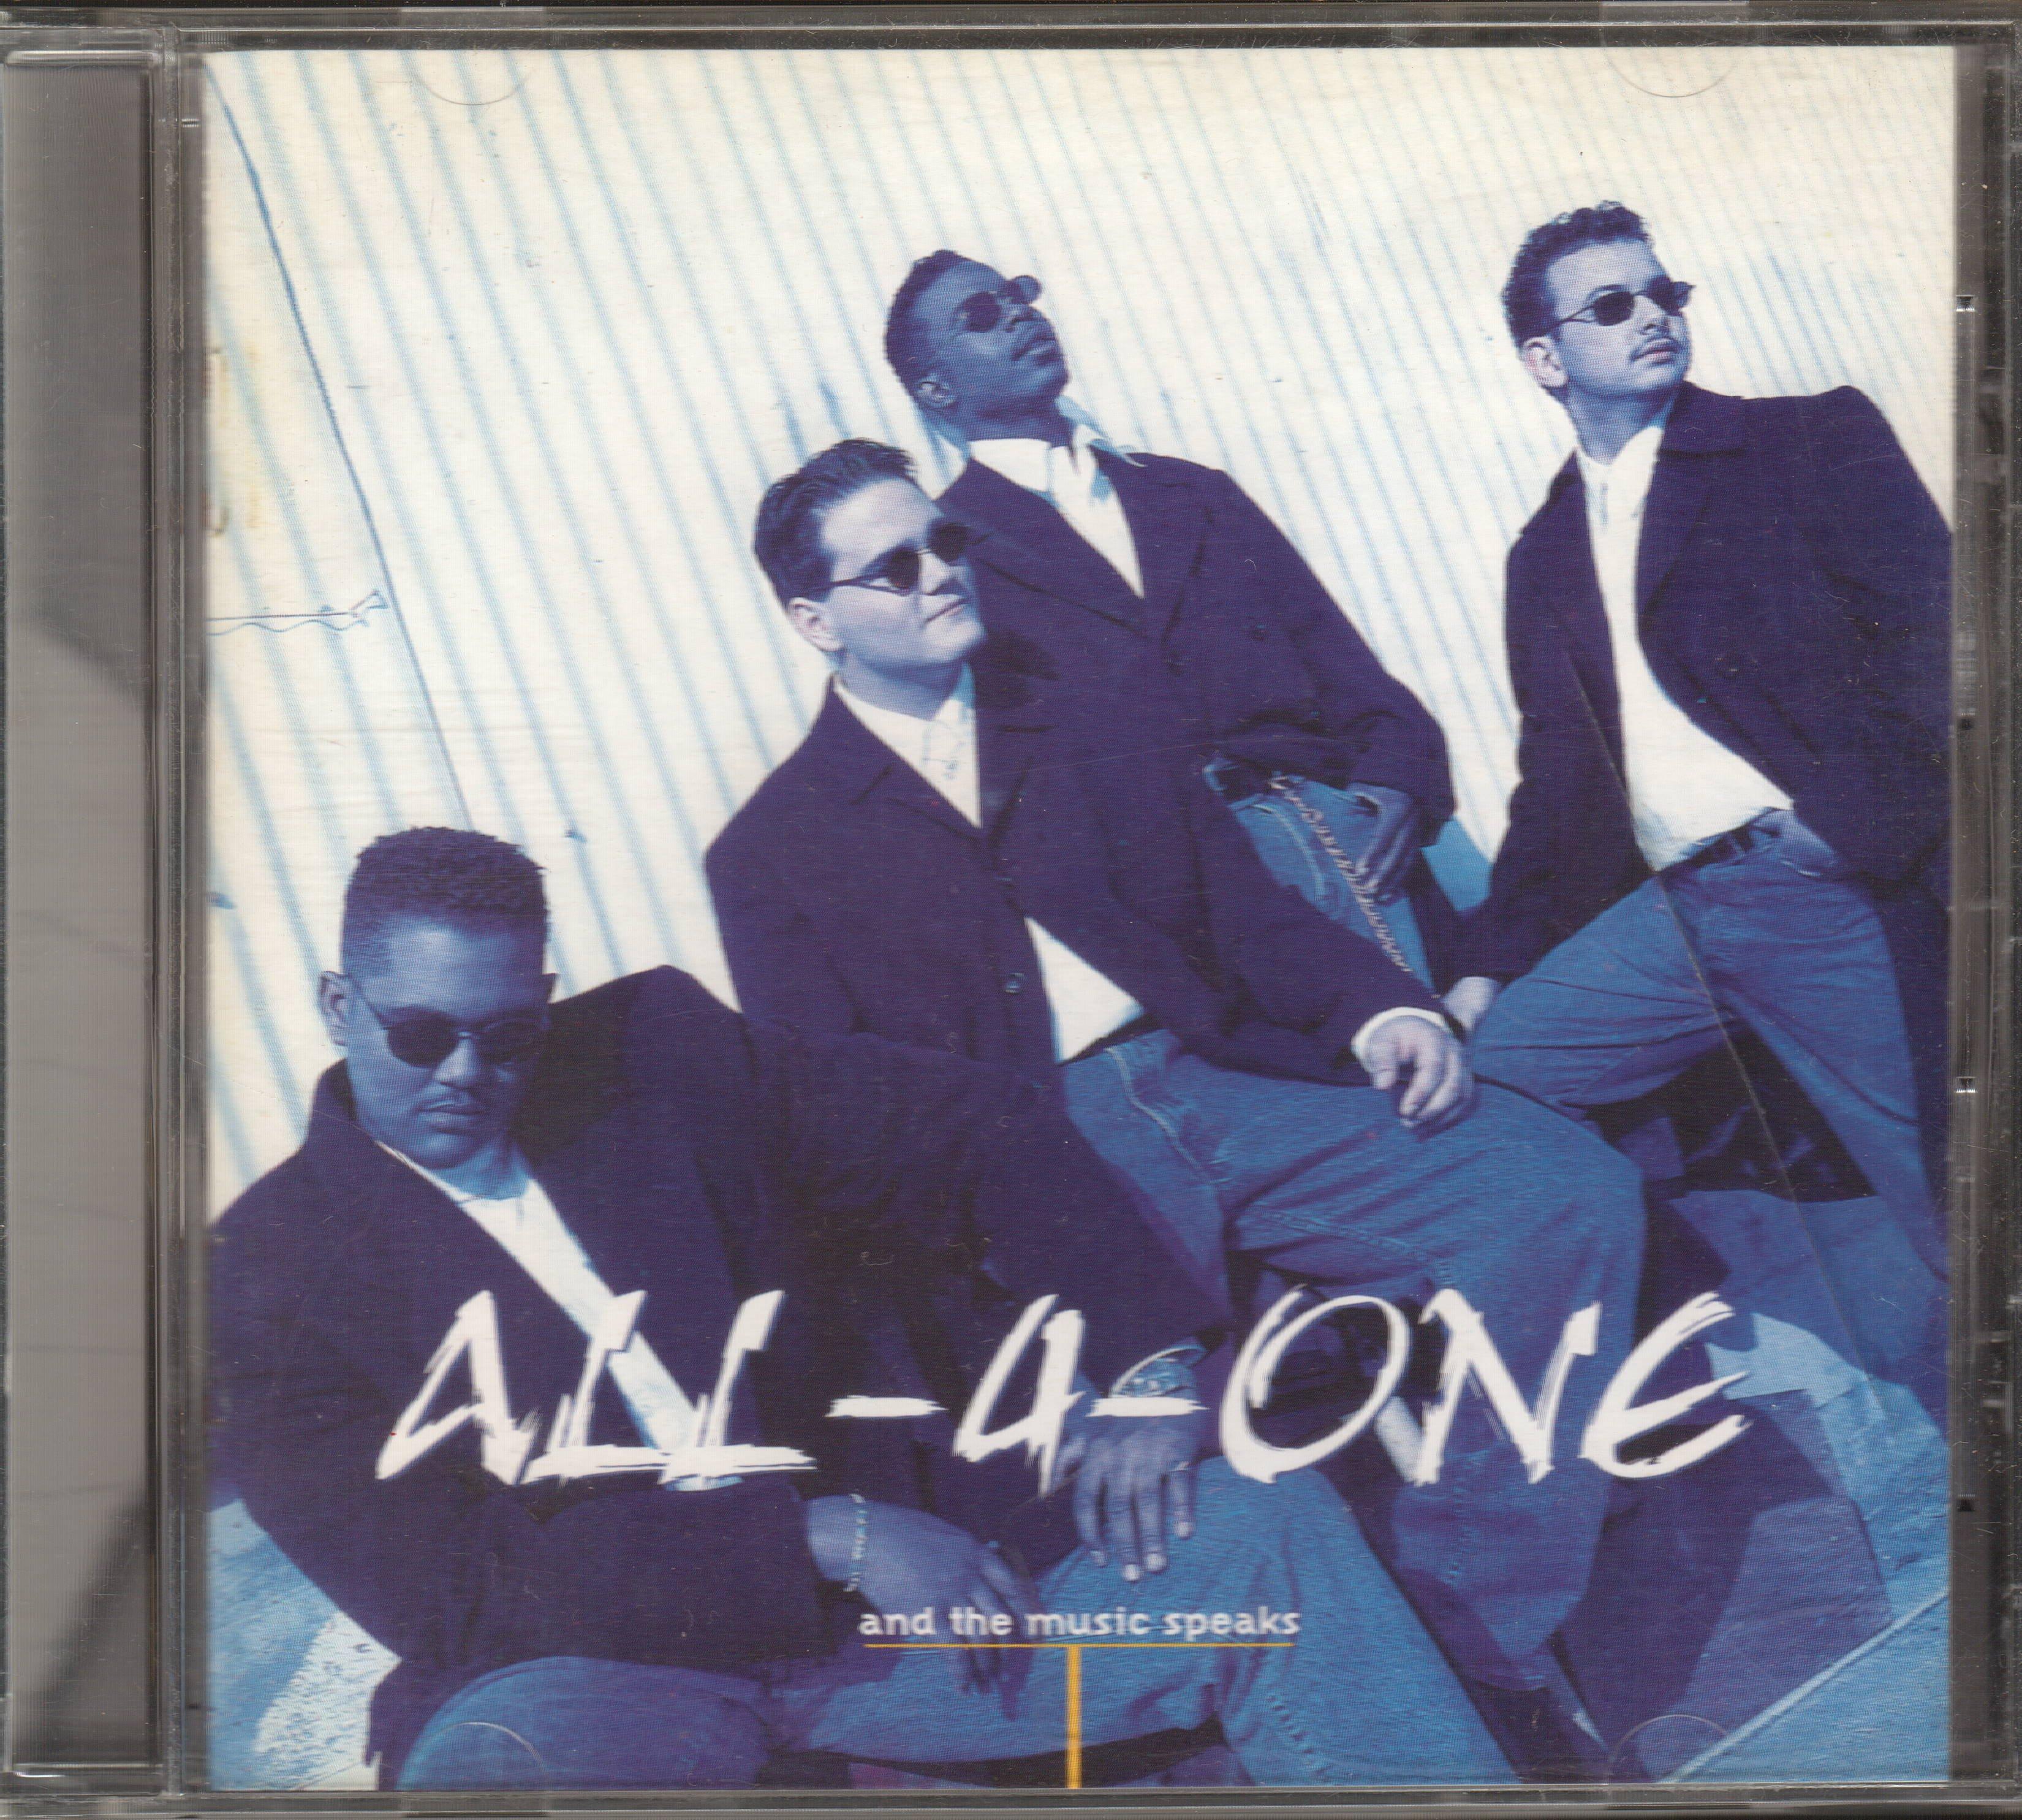 合而為一合唱團 ALL 4 ONE - AND THE MUSIC SPEAKS CD